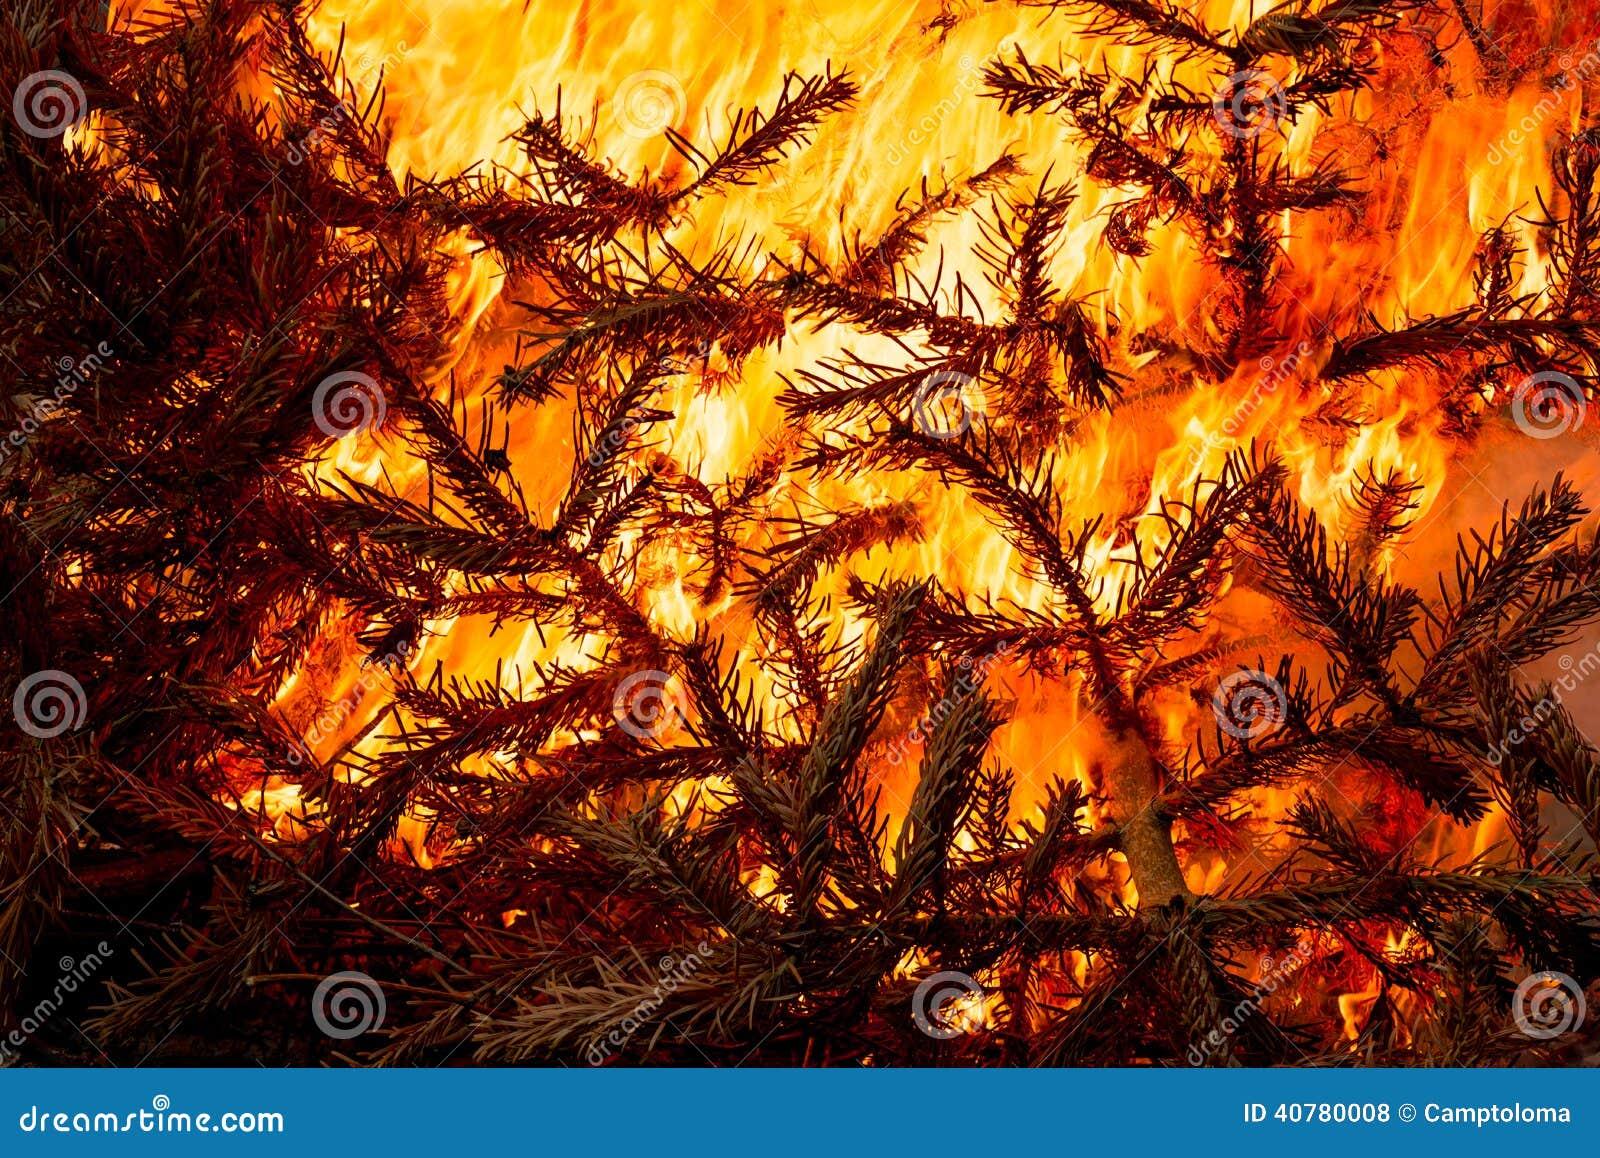 Burning Christmas Tree.Christmas Tree Flaming Burning Stock Photo Image Of